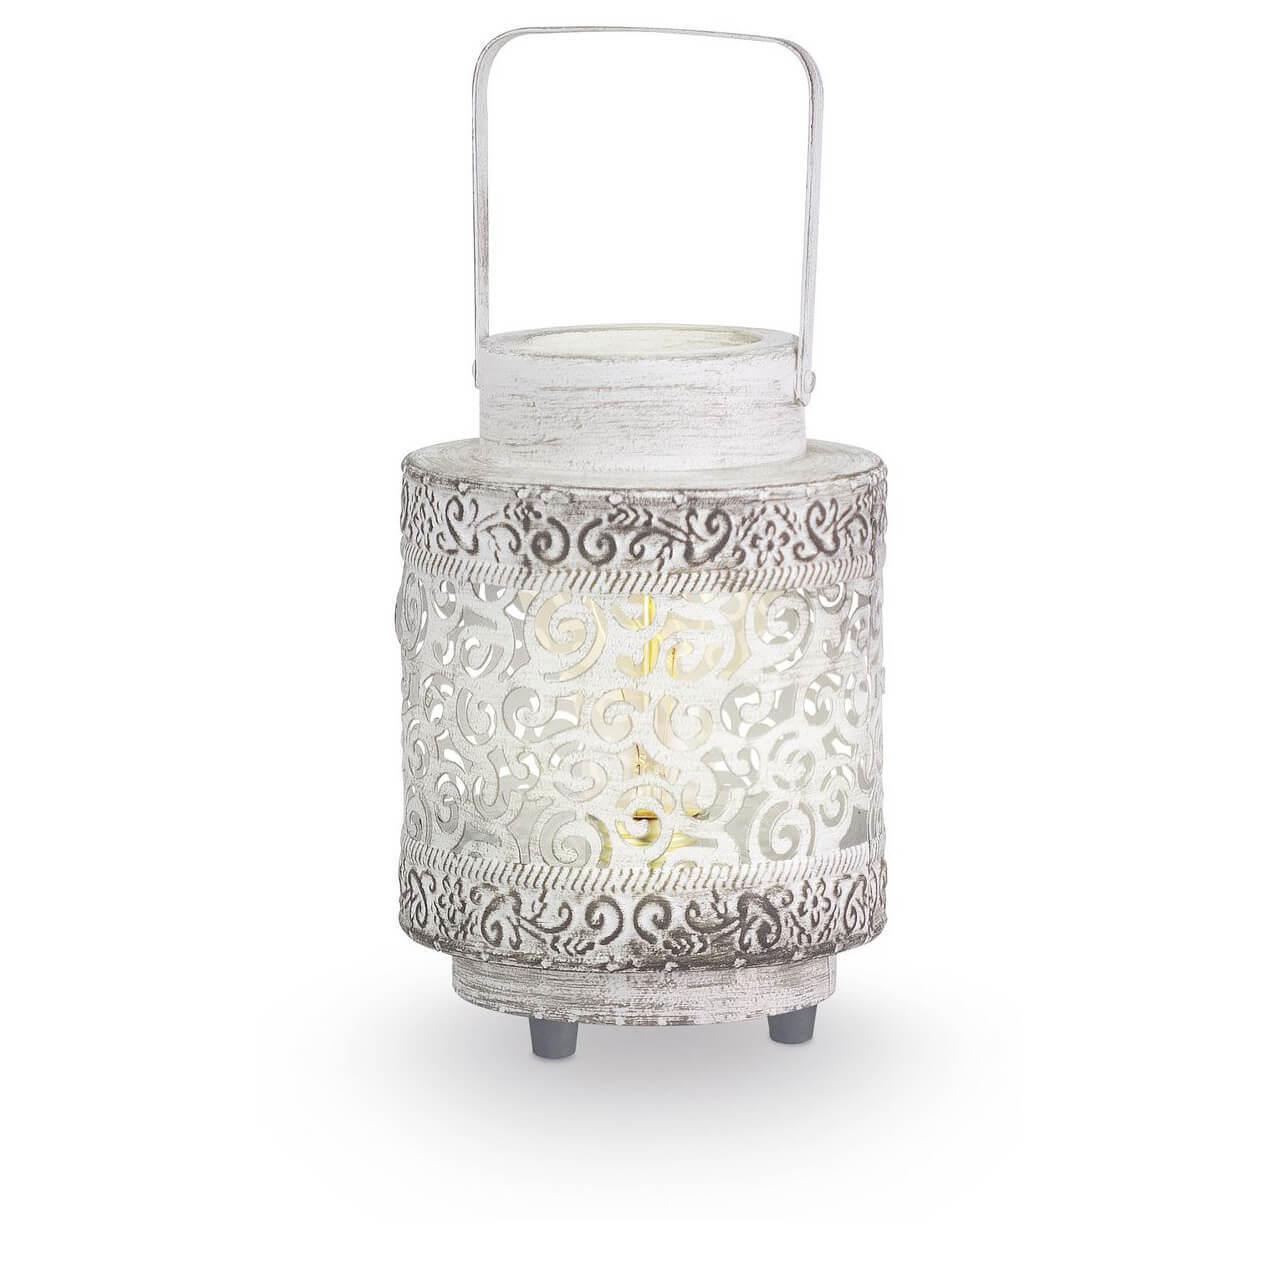 Настольная лампа Eglo 49276 Vintage недорого